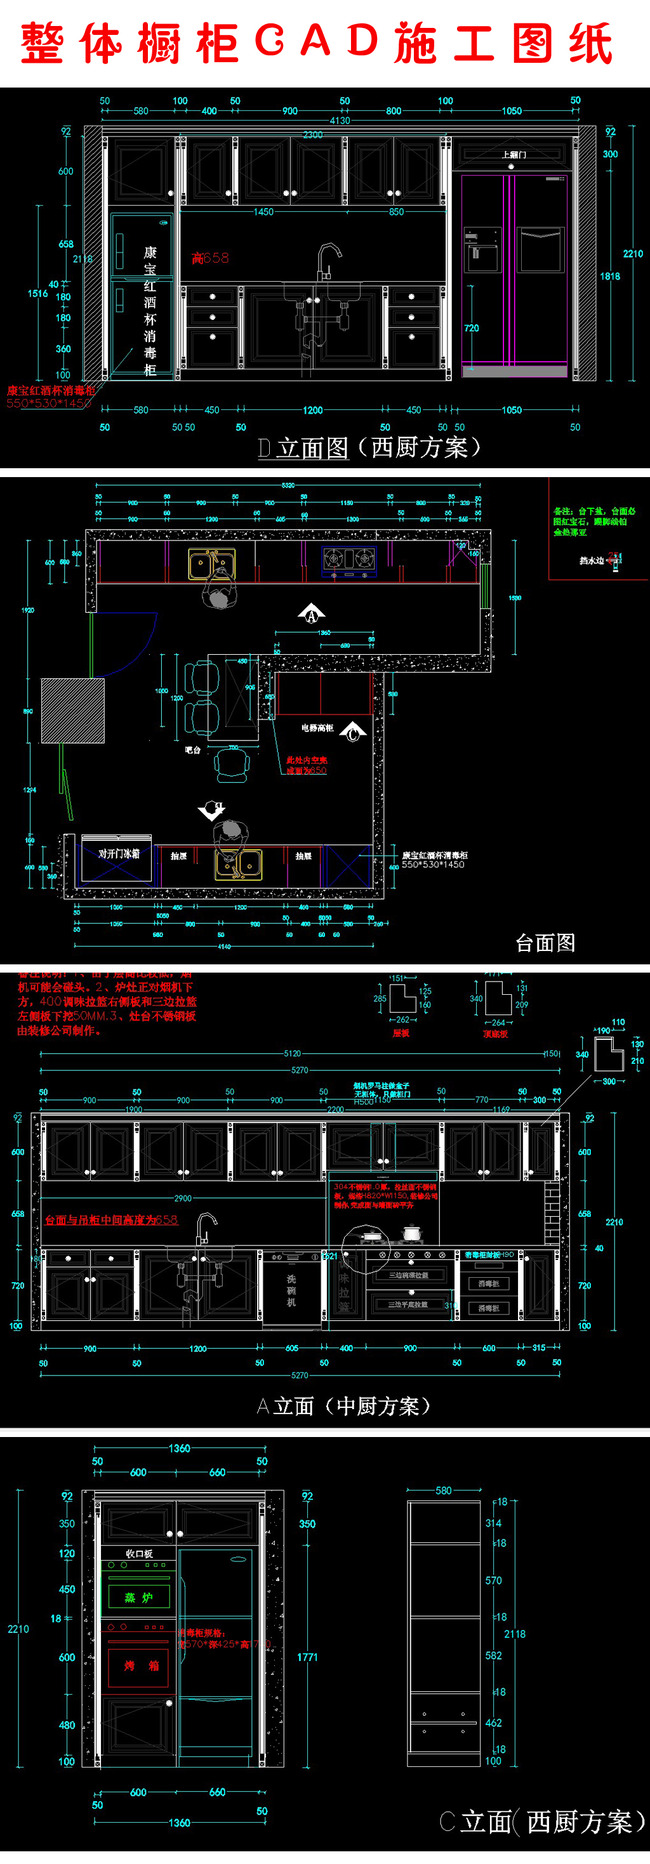 cad图库 室内设计cad图库 家装施工cad图纸 > 整体橱柜cad设计施工